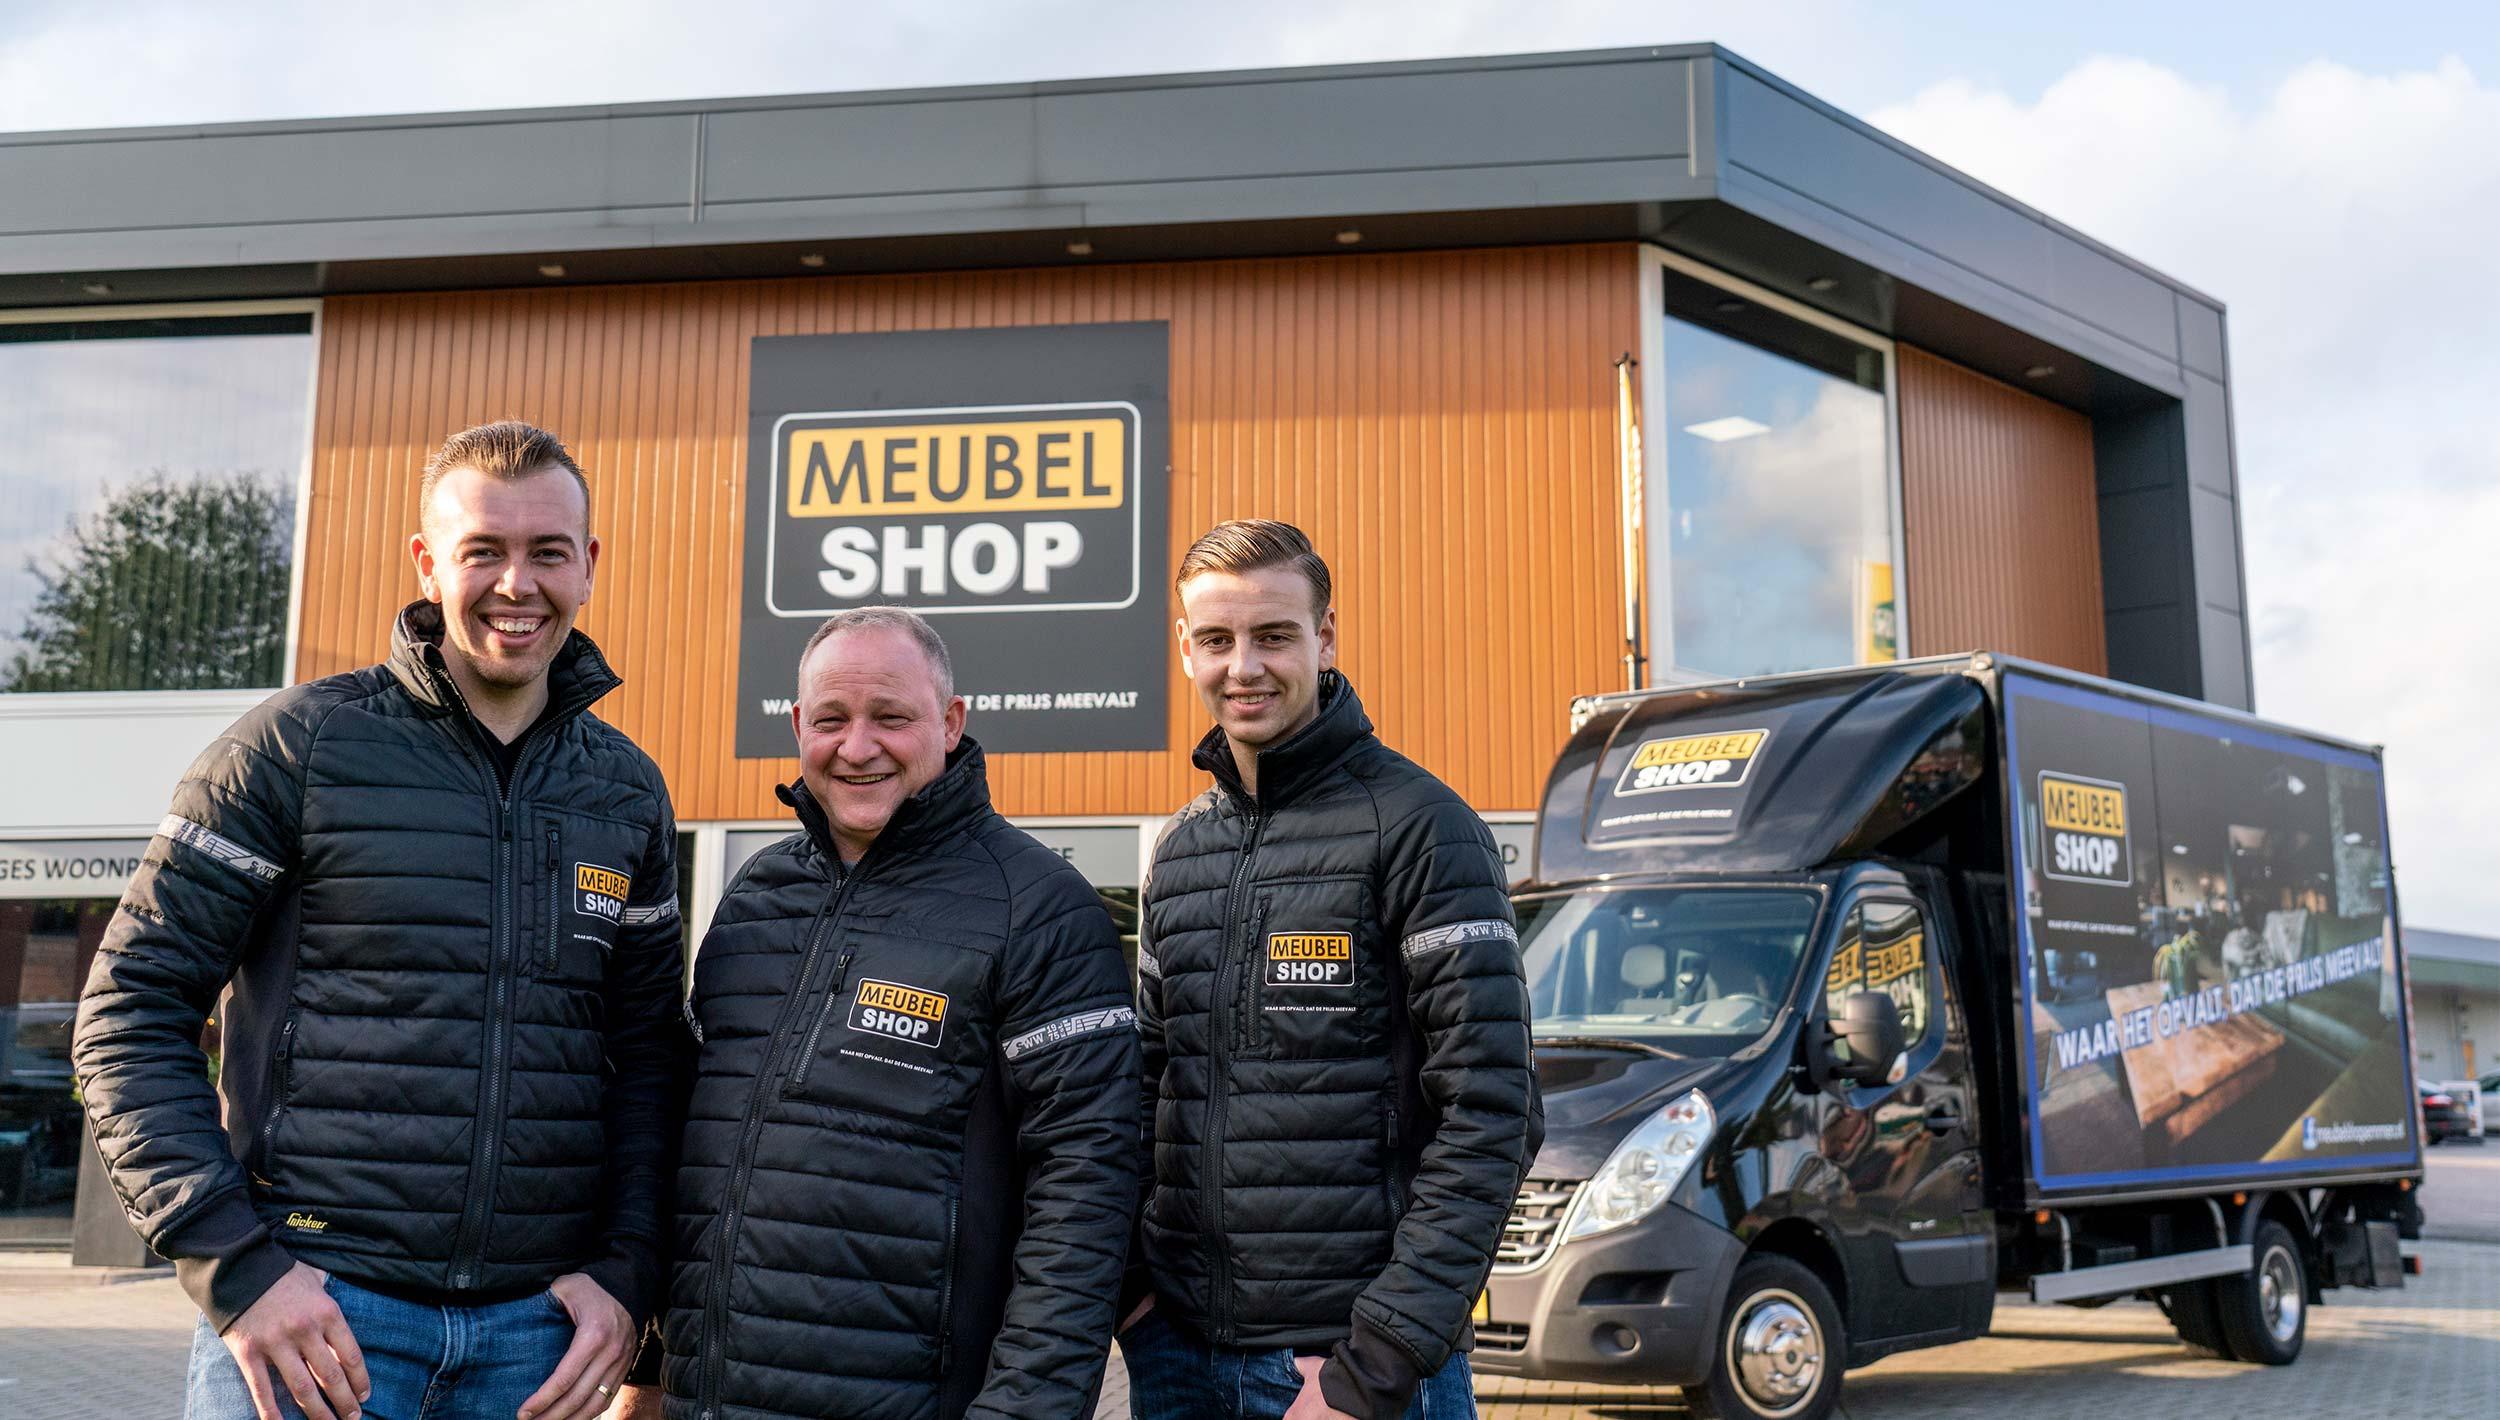 Maak kennis met het team van Meubelshop Emmen